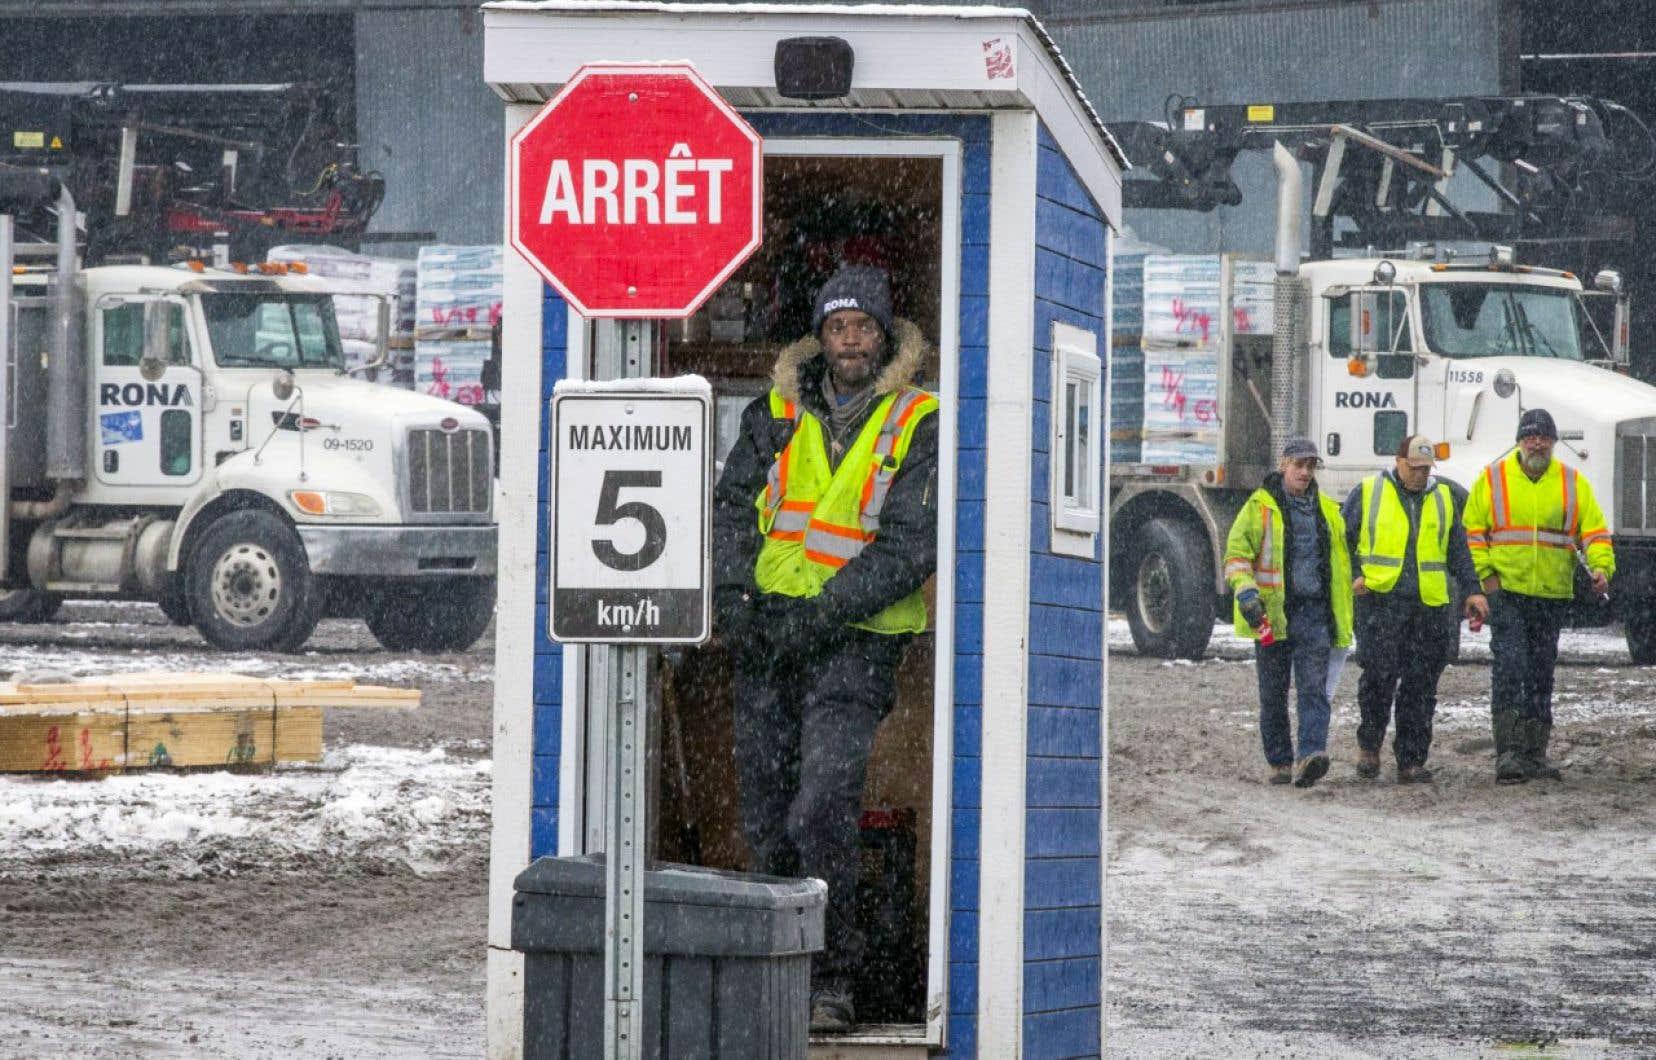 Le magasin Rona de Saint-Lambert figure parmi les 12 commerces de Lowe's Canada qui fermeront leurs portes dans la province à la fin du mois de janvier.